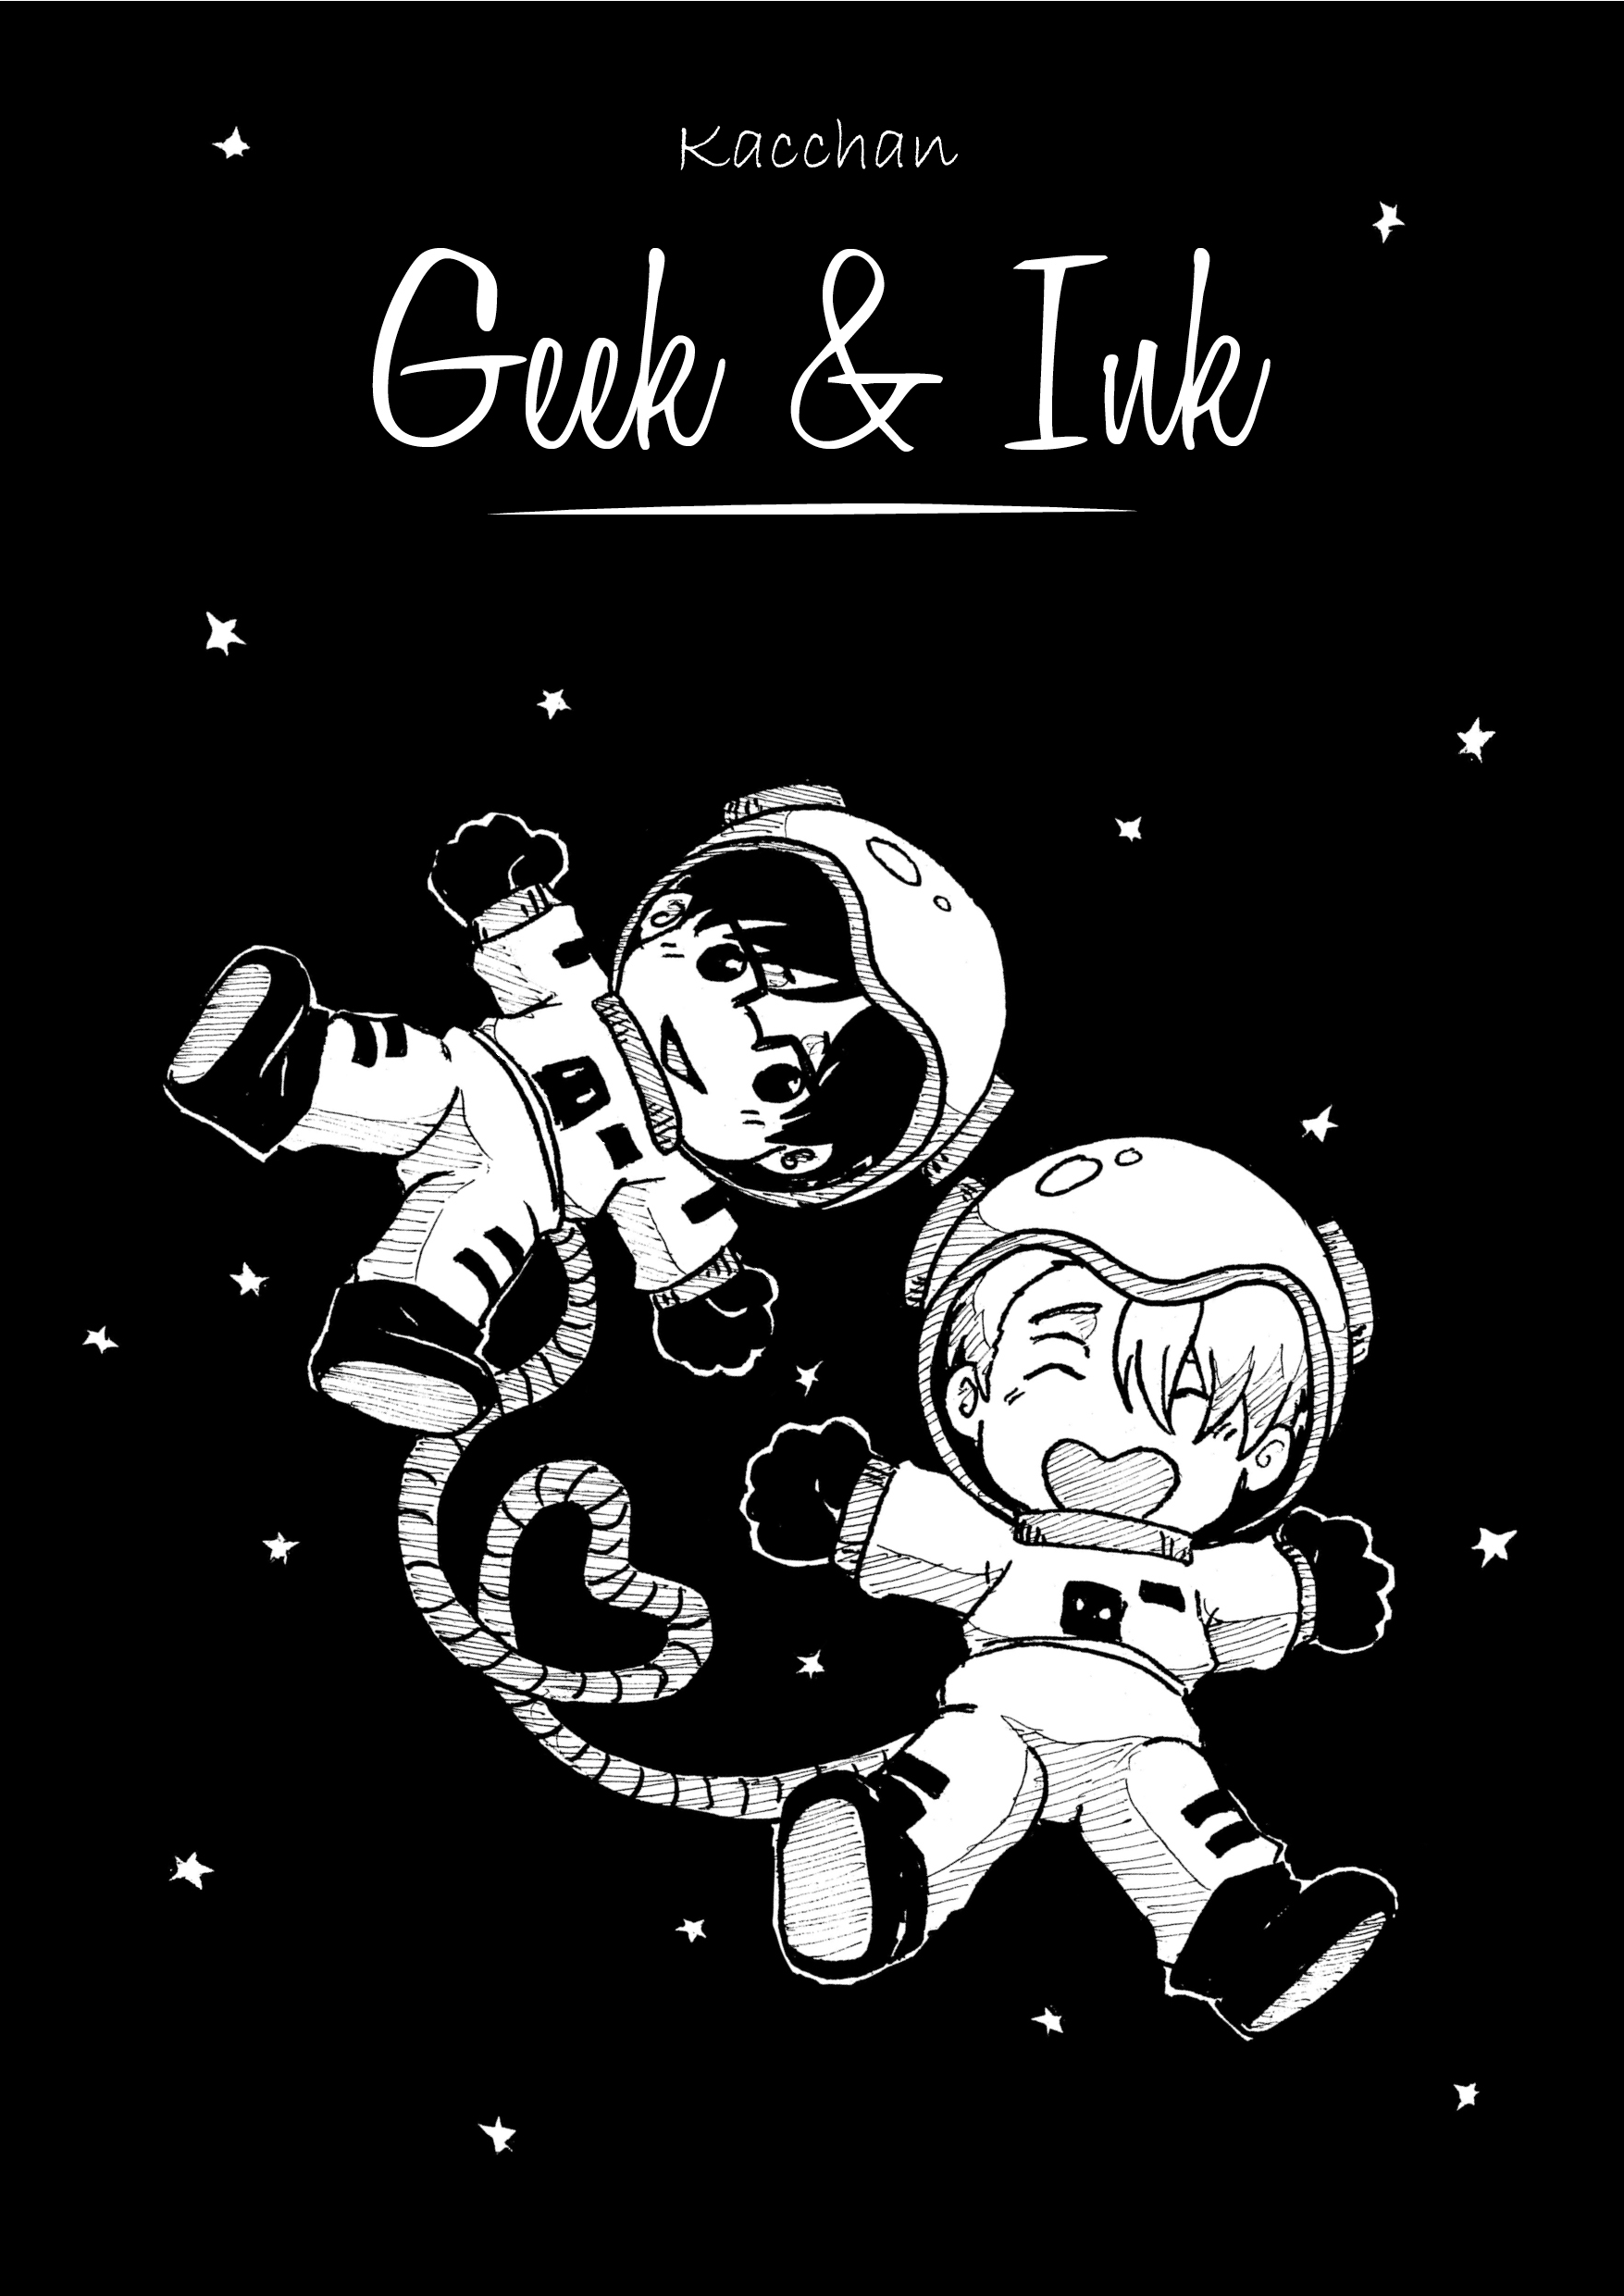 Geek & Ink